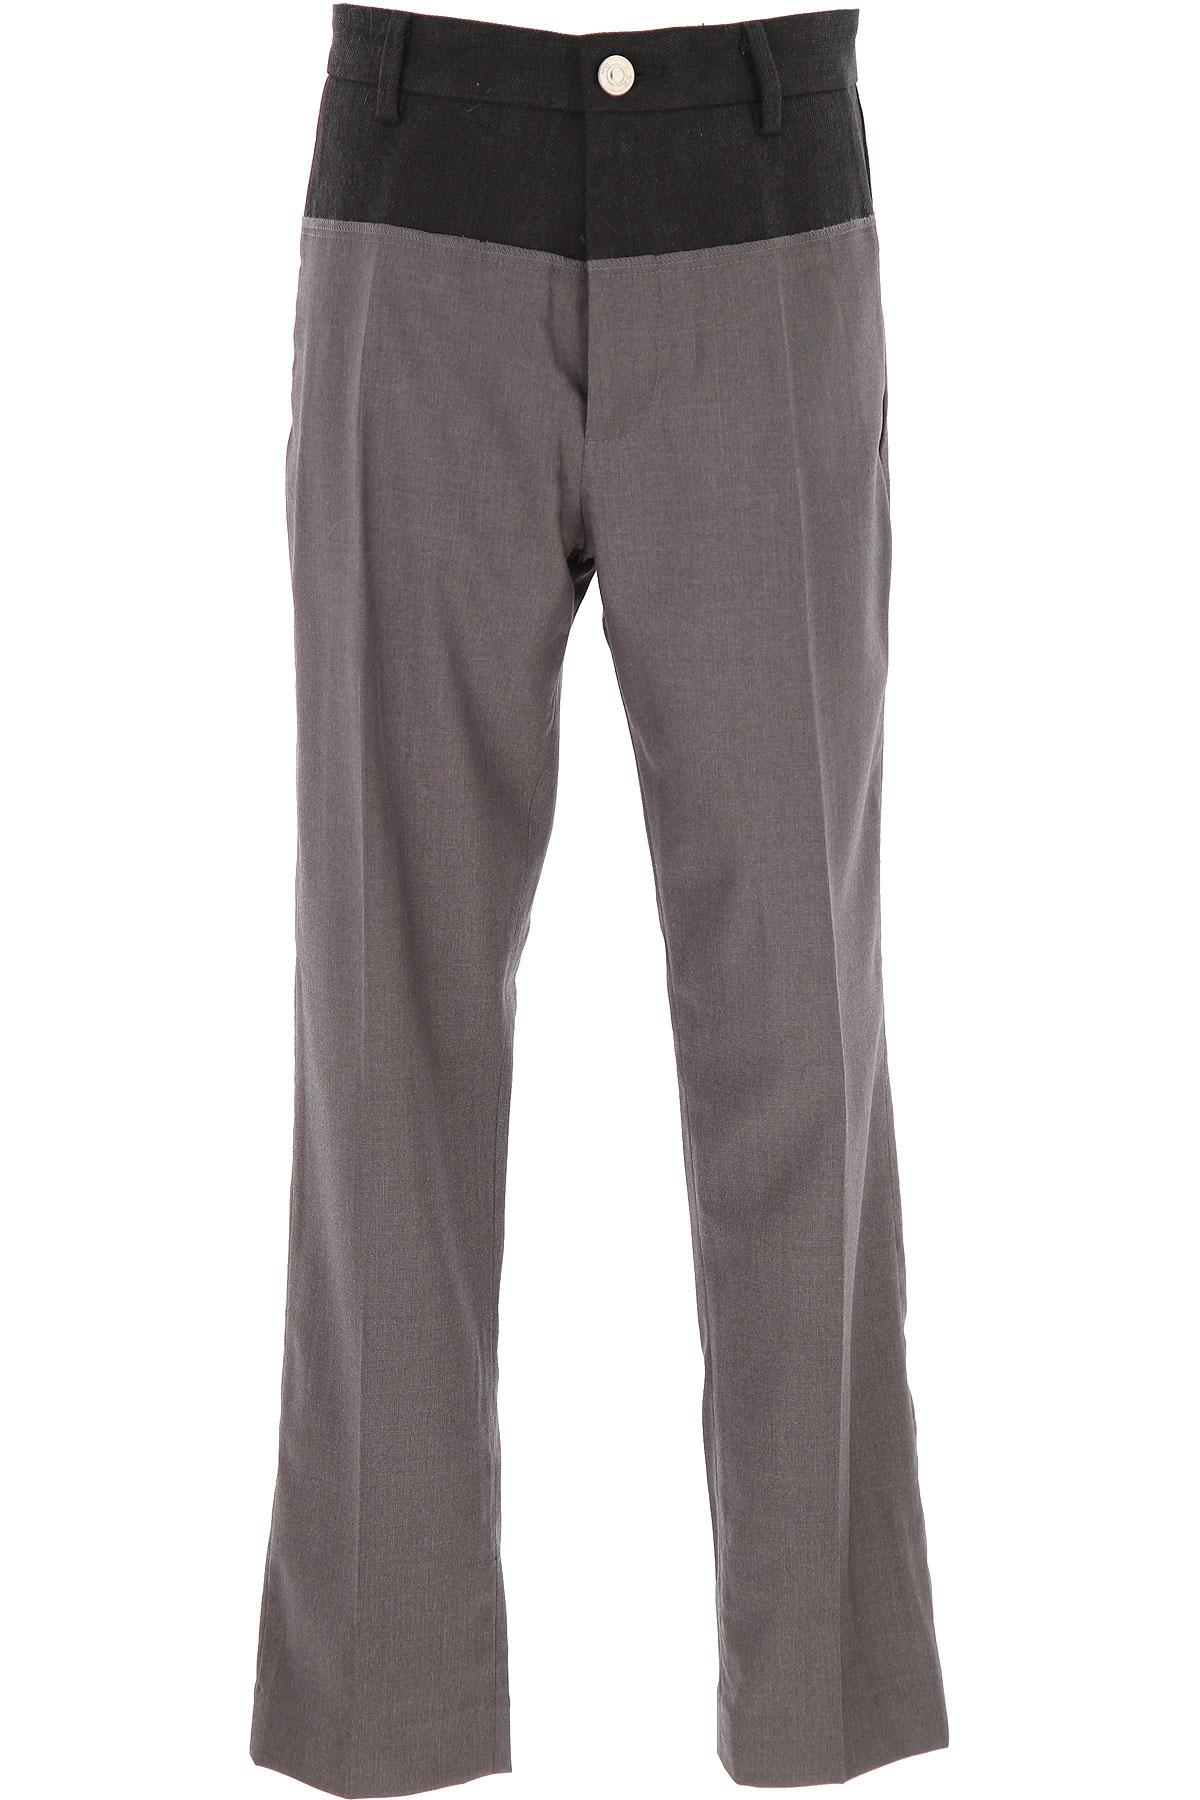 NO 21 Kids Pants for Boys On Sale, Grey, polyester, 2019, 10Y 12Y 14Y 8Y